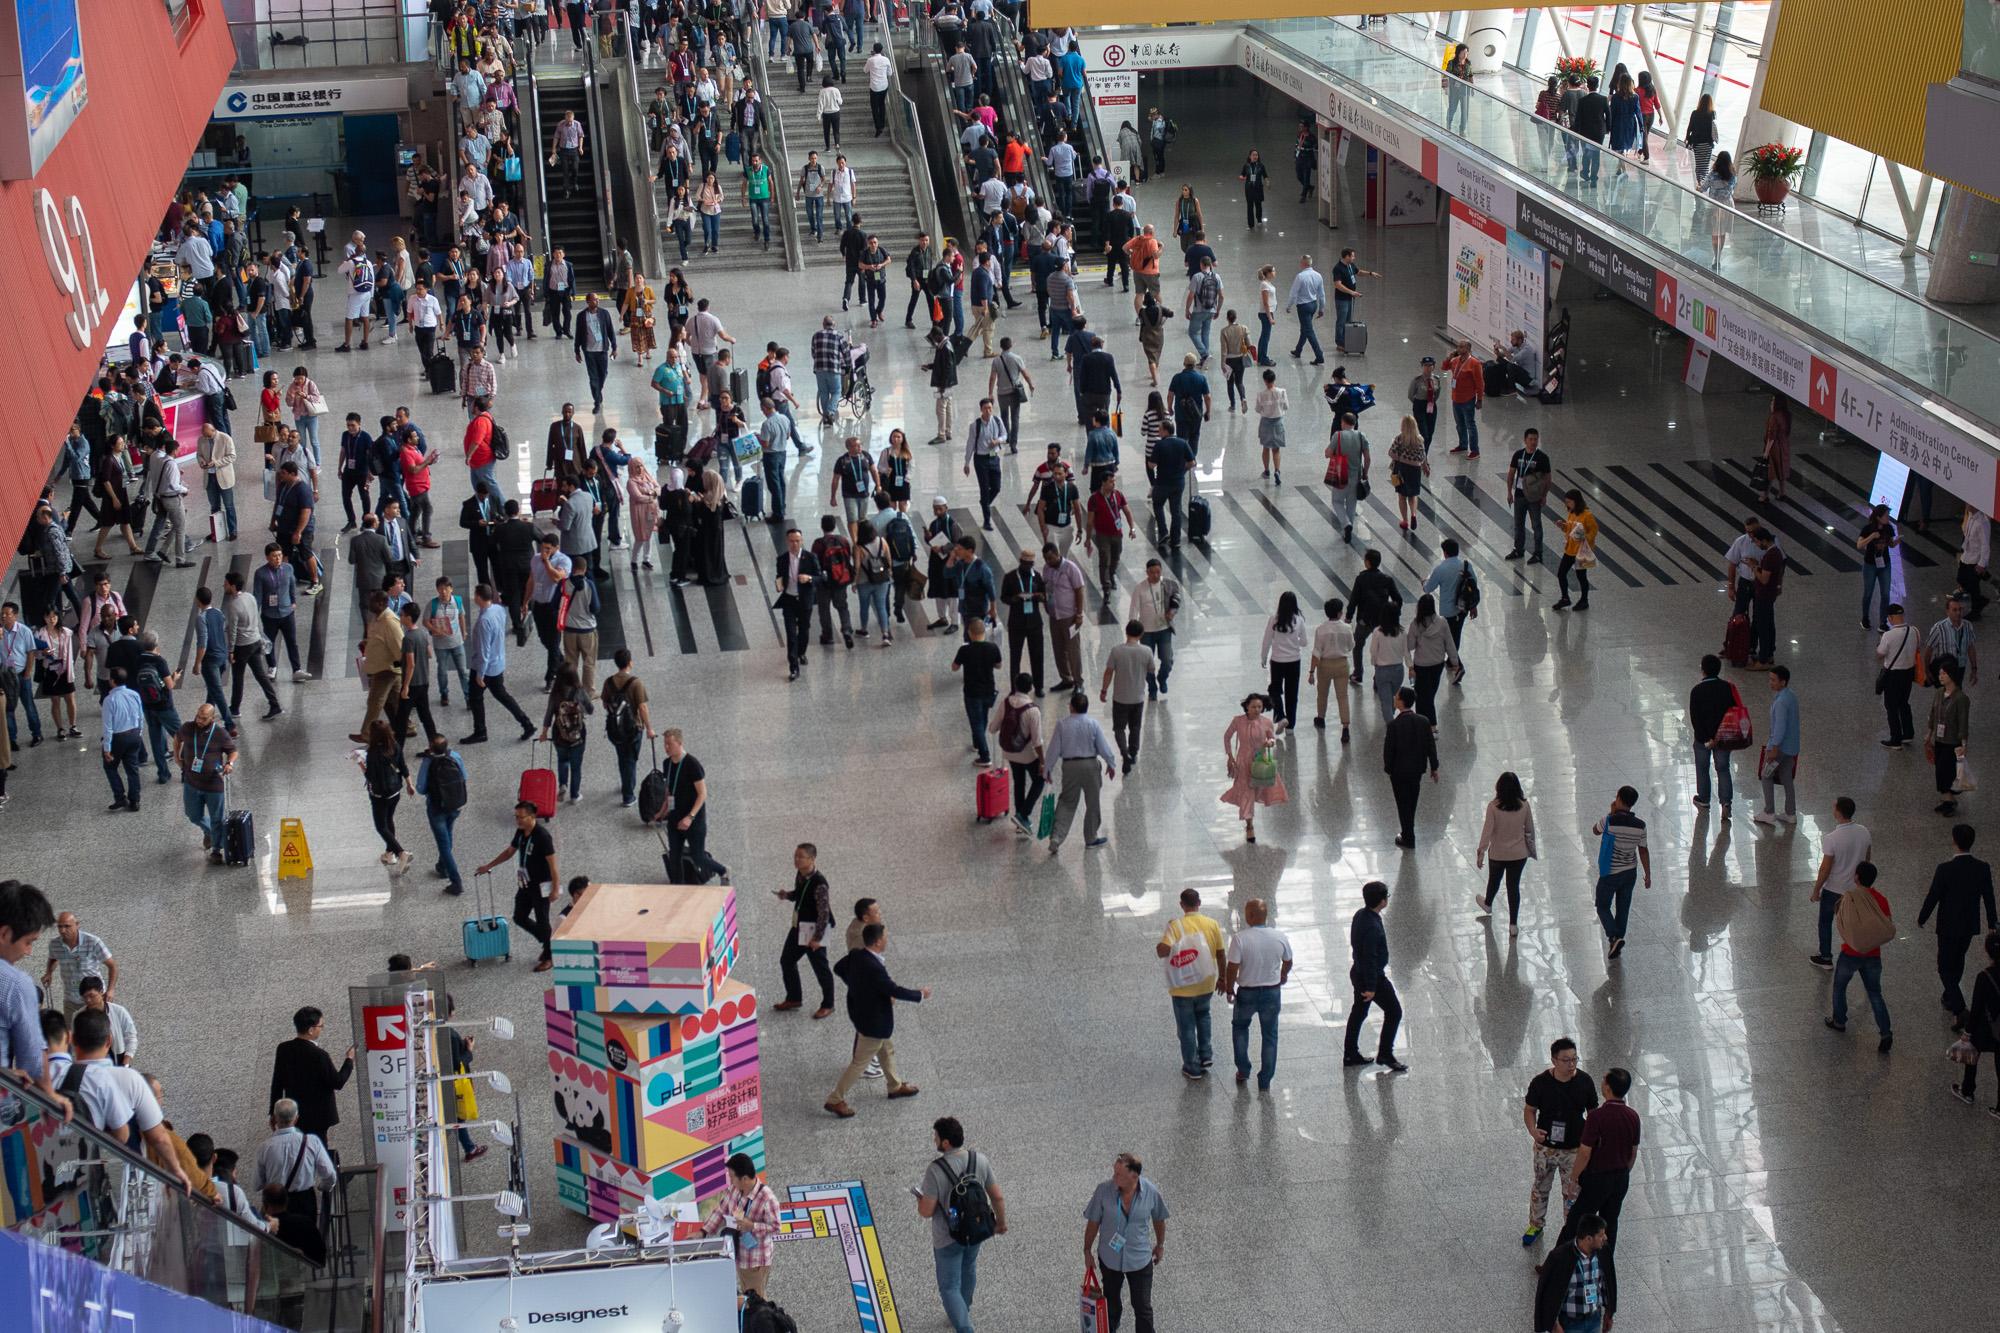 В Китае прошел первый этап всемирной выставки Canton Fair © Техника